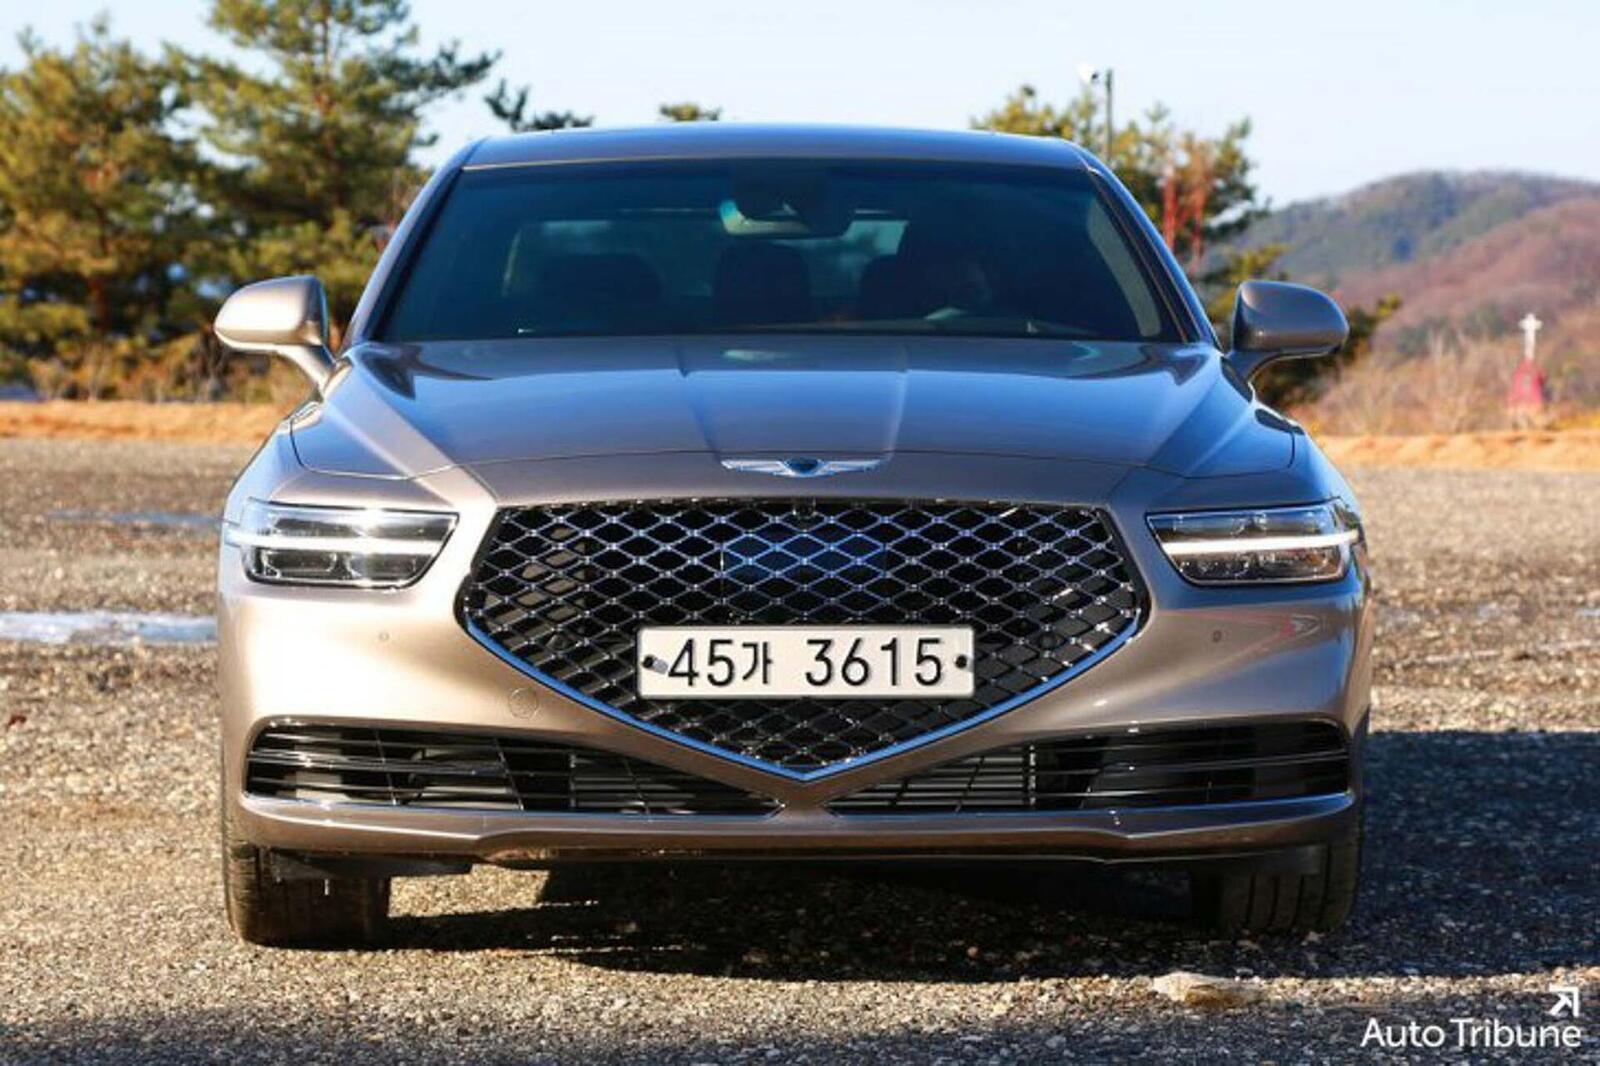 Sedan hạng sang Genesis G90 2020 mới ra mắt cuối tháng 11/2018 lộ ảnh cực nóng - Hình 1